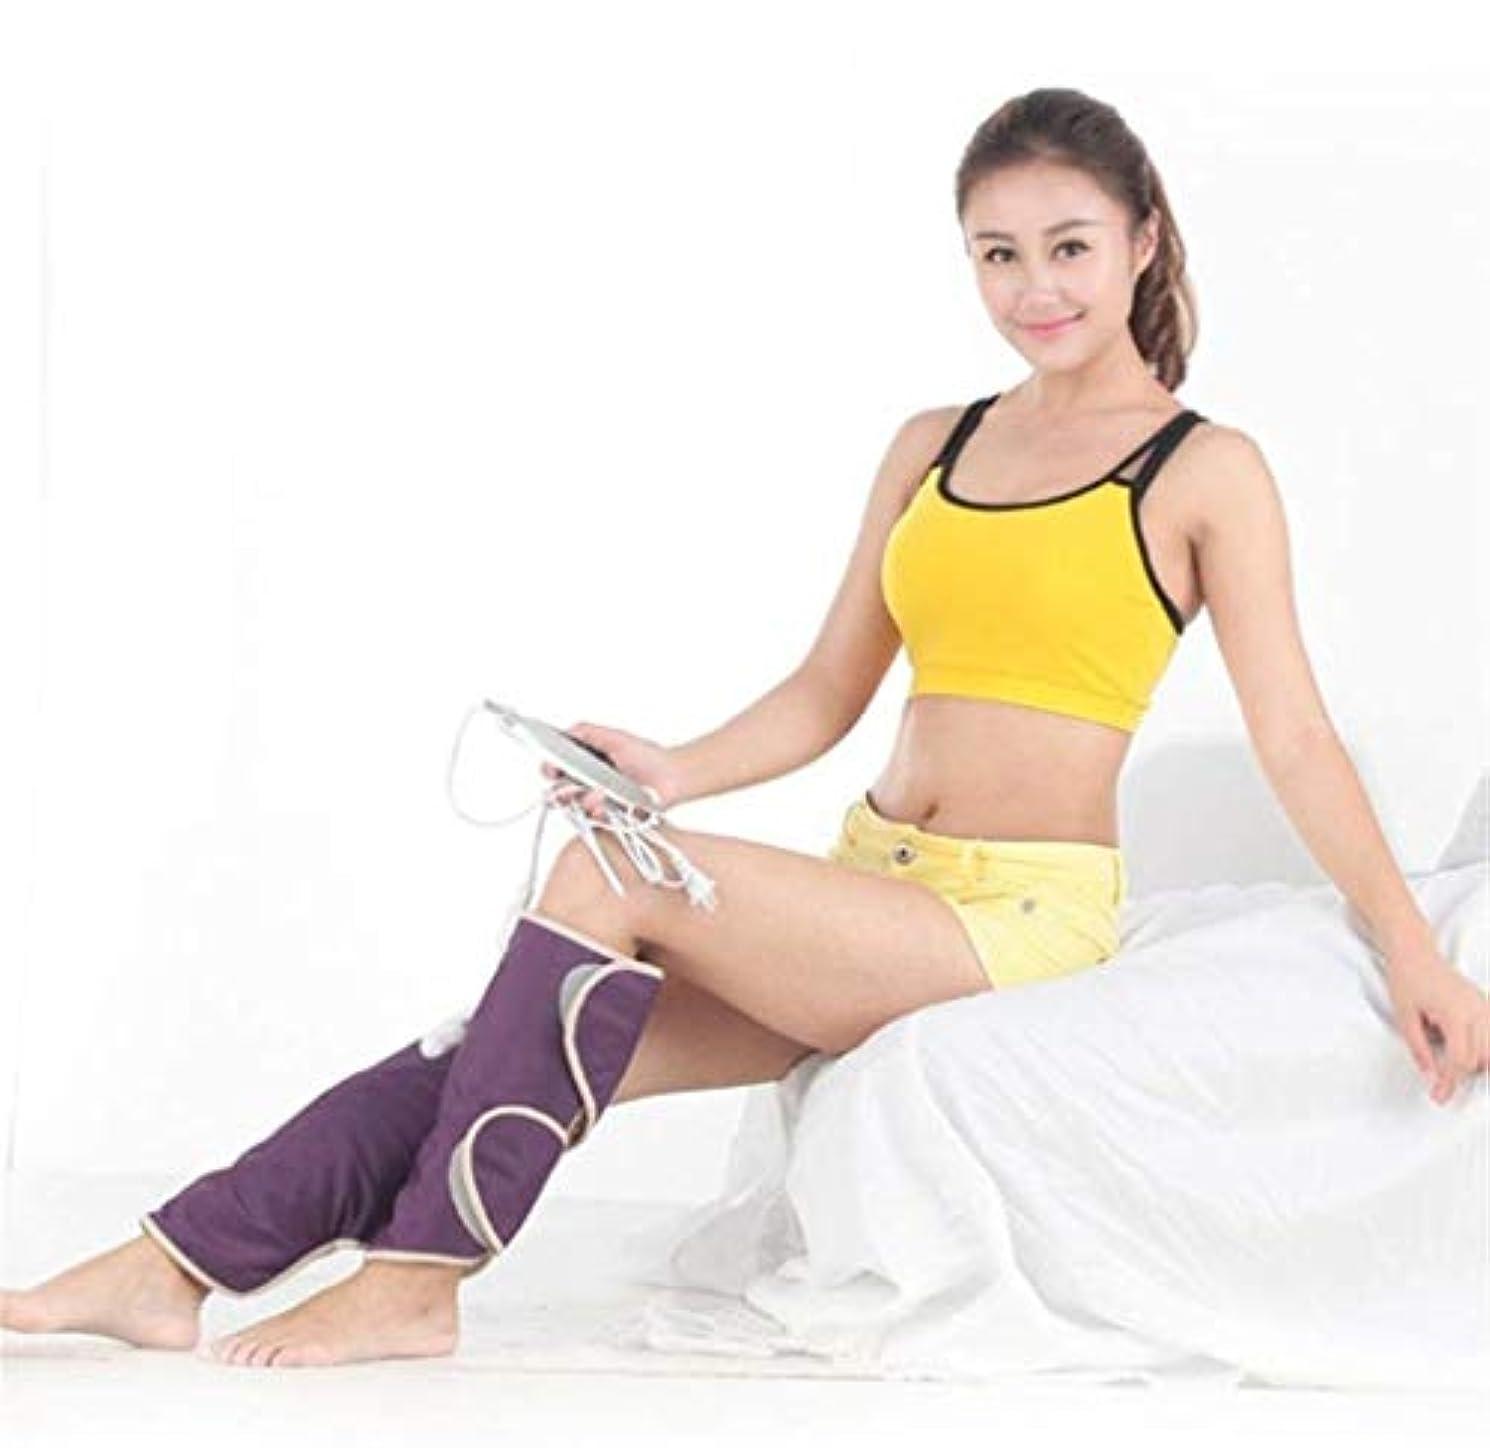 最小化するパールスリル電気マッサージ器、遠赤外線電気膝パッド、3つの振動モード、理学療法装置、血液循環の促進、筋肉の弛緩